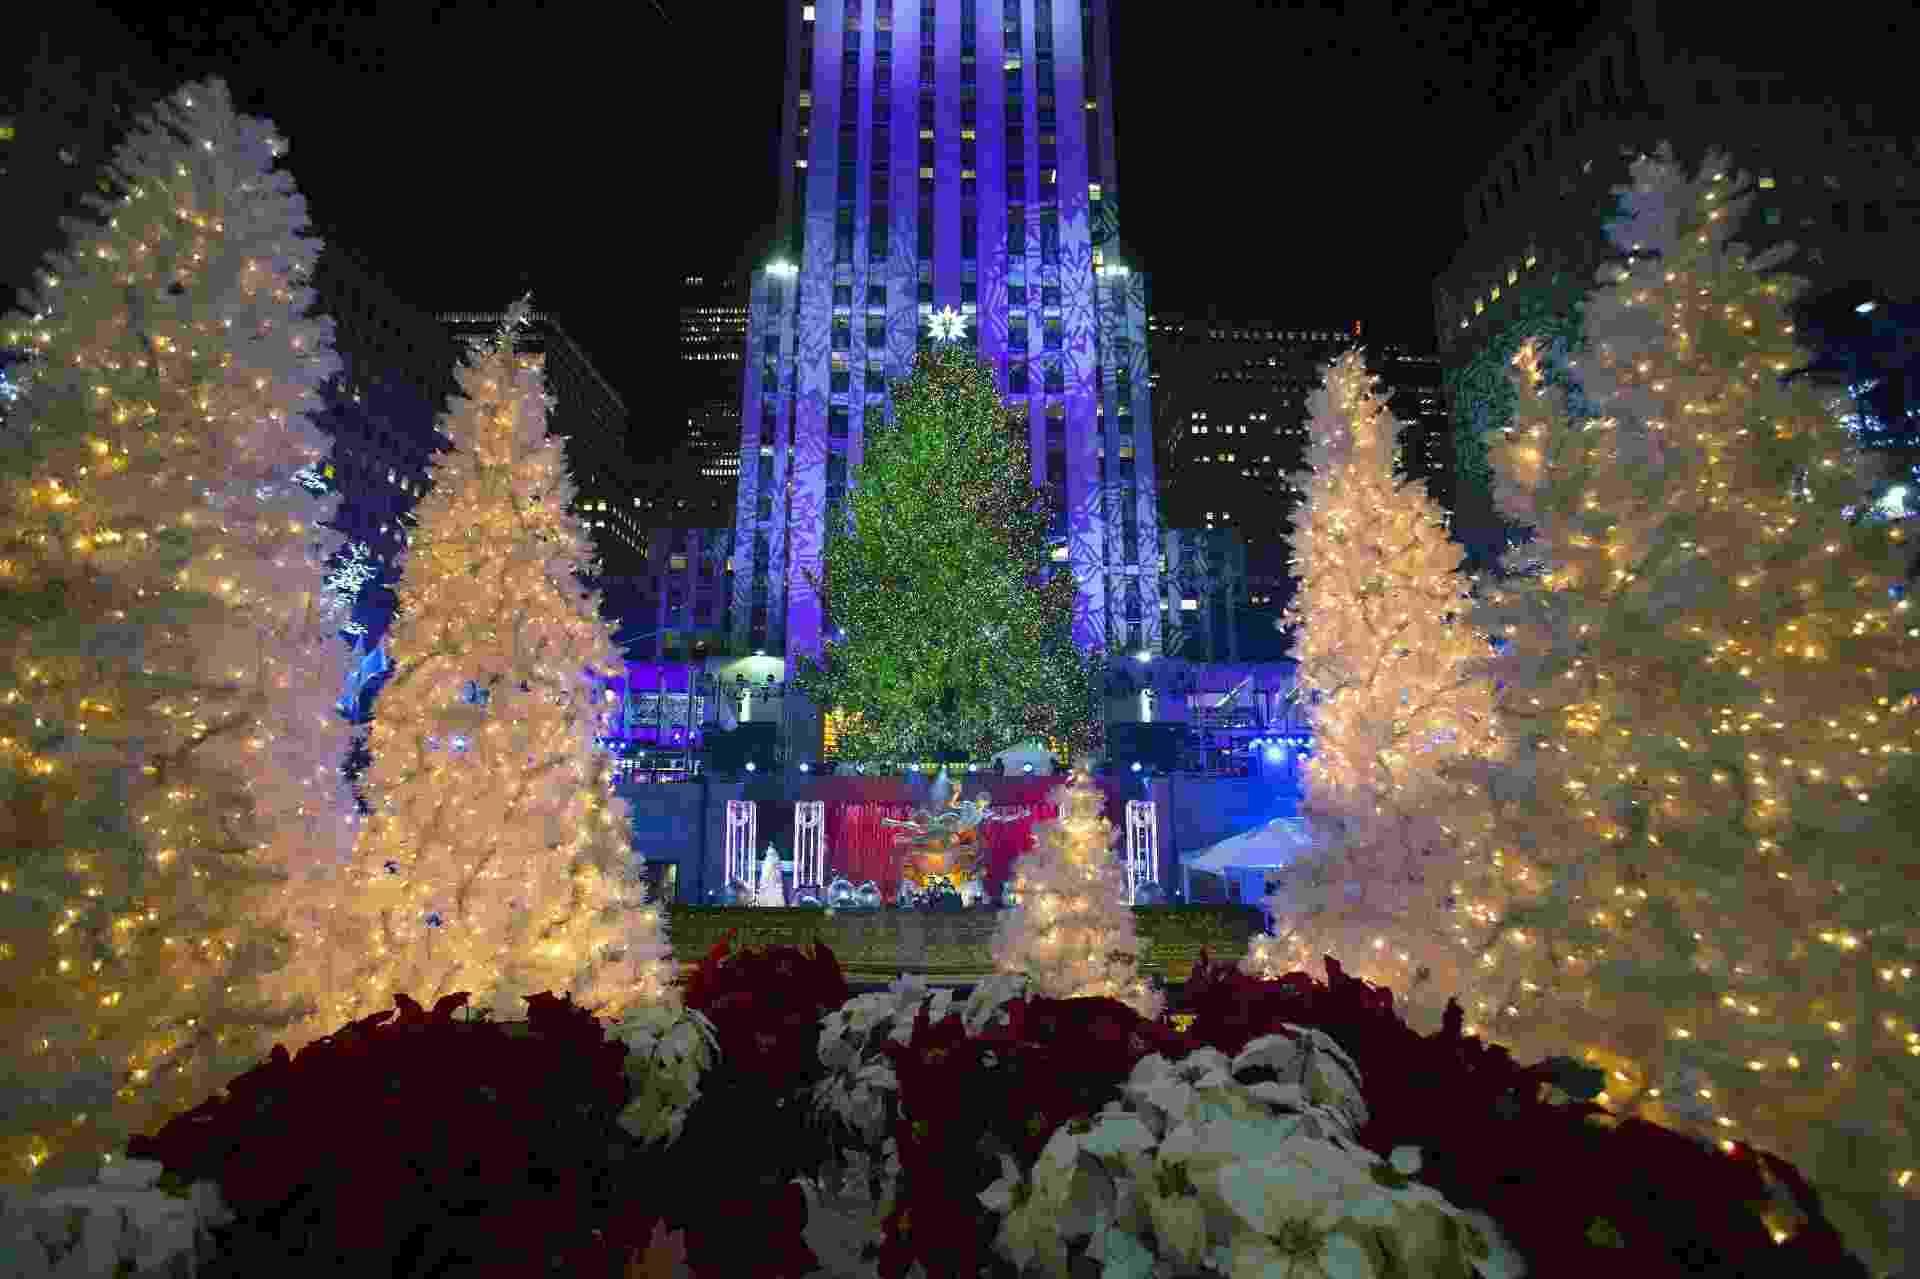 4.dez.2014 - As luzes da emblemática árvore de Natal do Rockefeller Center, em Nova York, foram acesas nesta quarta-feira (3) para dar as boas-vindas às festas de fim de ano na cidade. A partir desta noite e até 7 de janeiro, a árvore iluminará o coração da 'Big Apple' com mais de 45 mil lâmpadas, naquele que é o símbolo principal das festas natalinas na cidade desde 1933 - Andrew Kelly/Insider Images